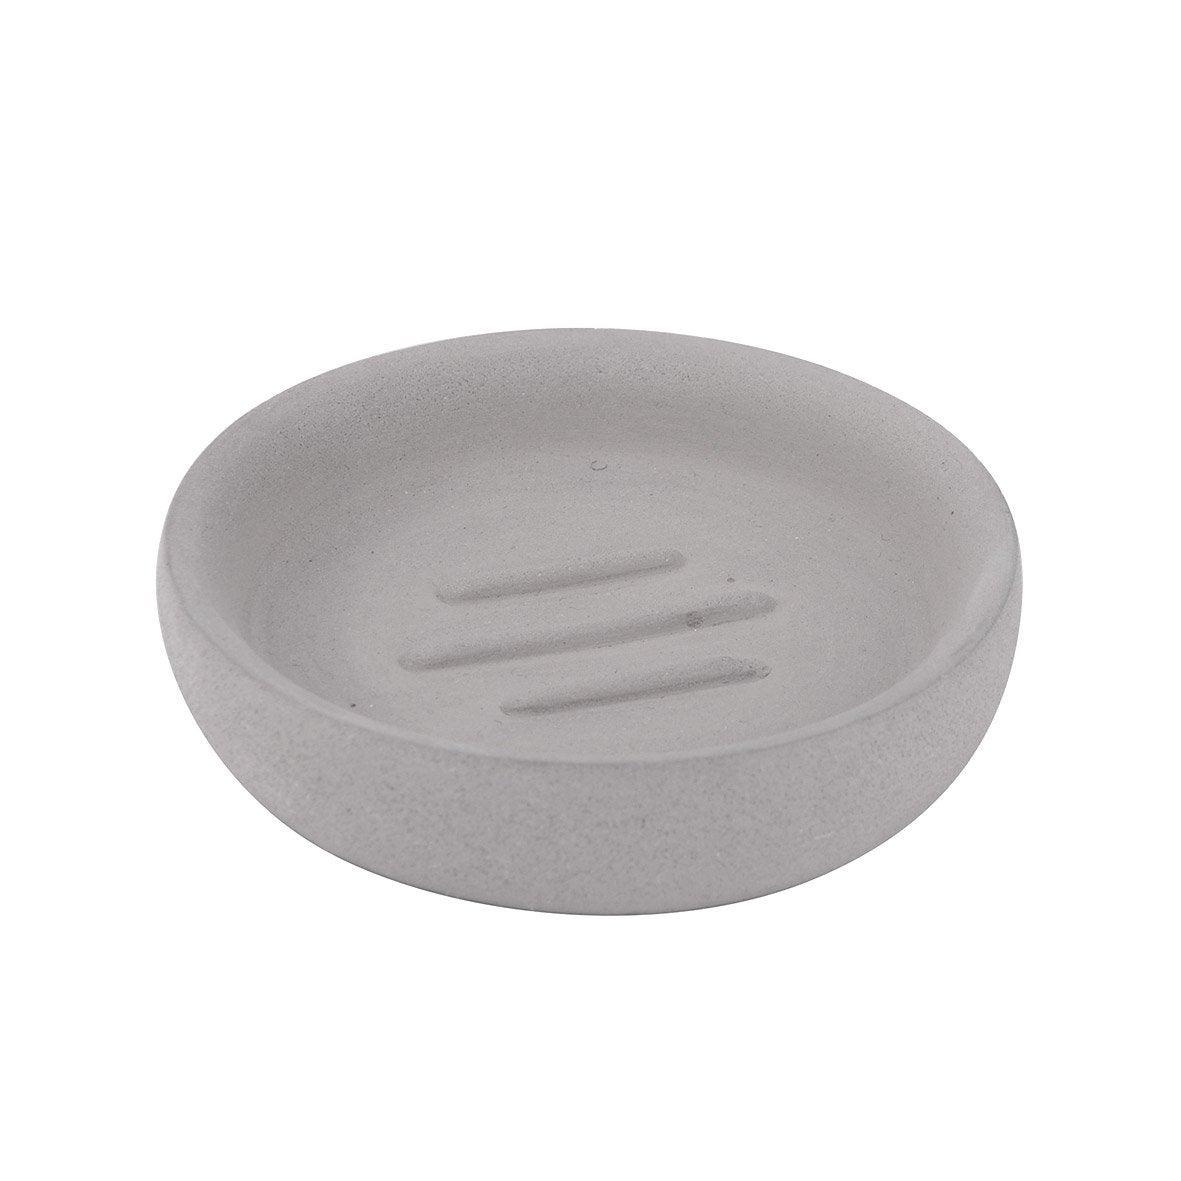 Porte-savon béton Apollon, gris